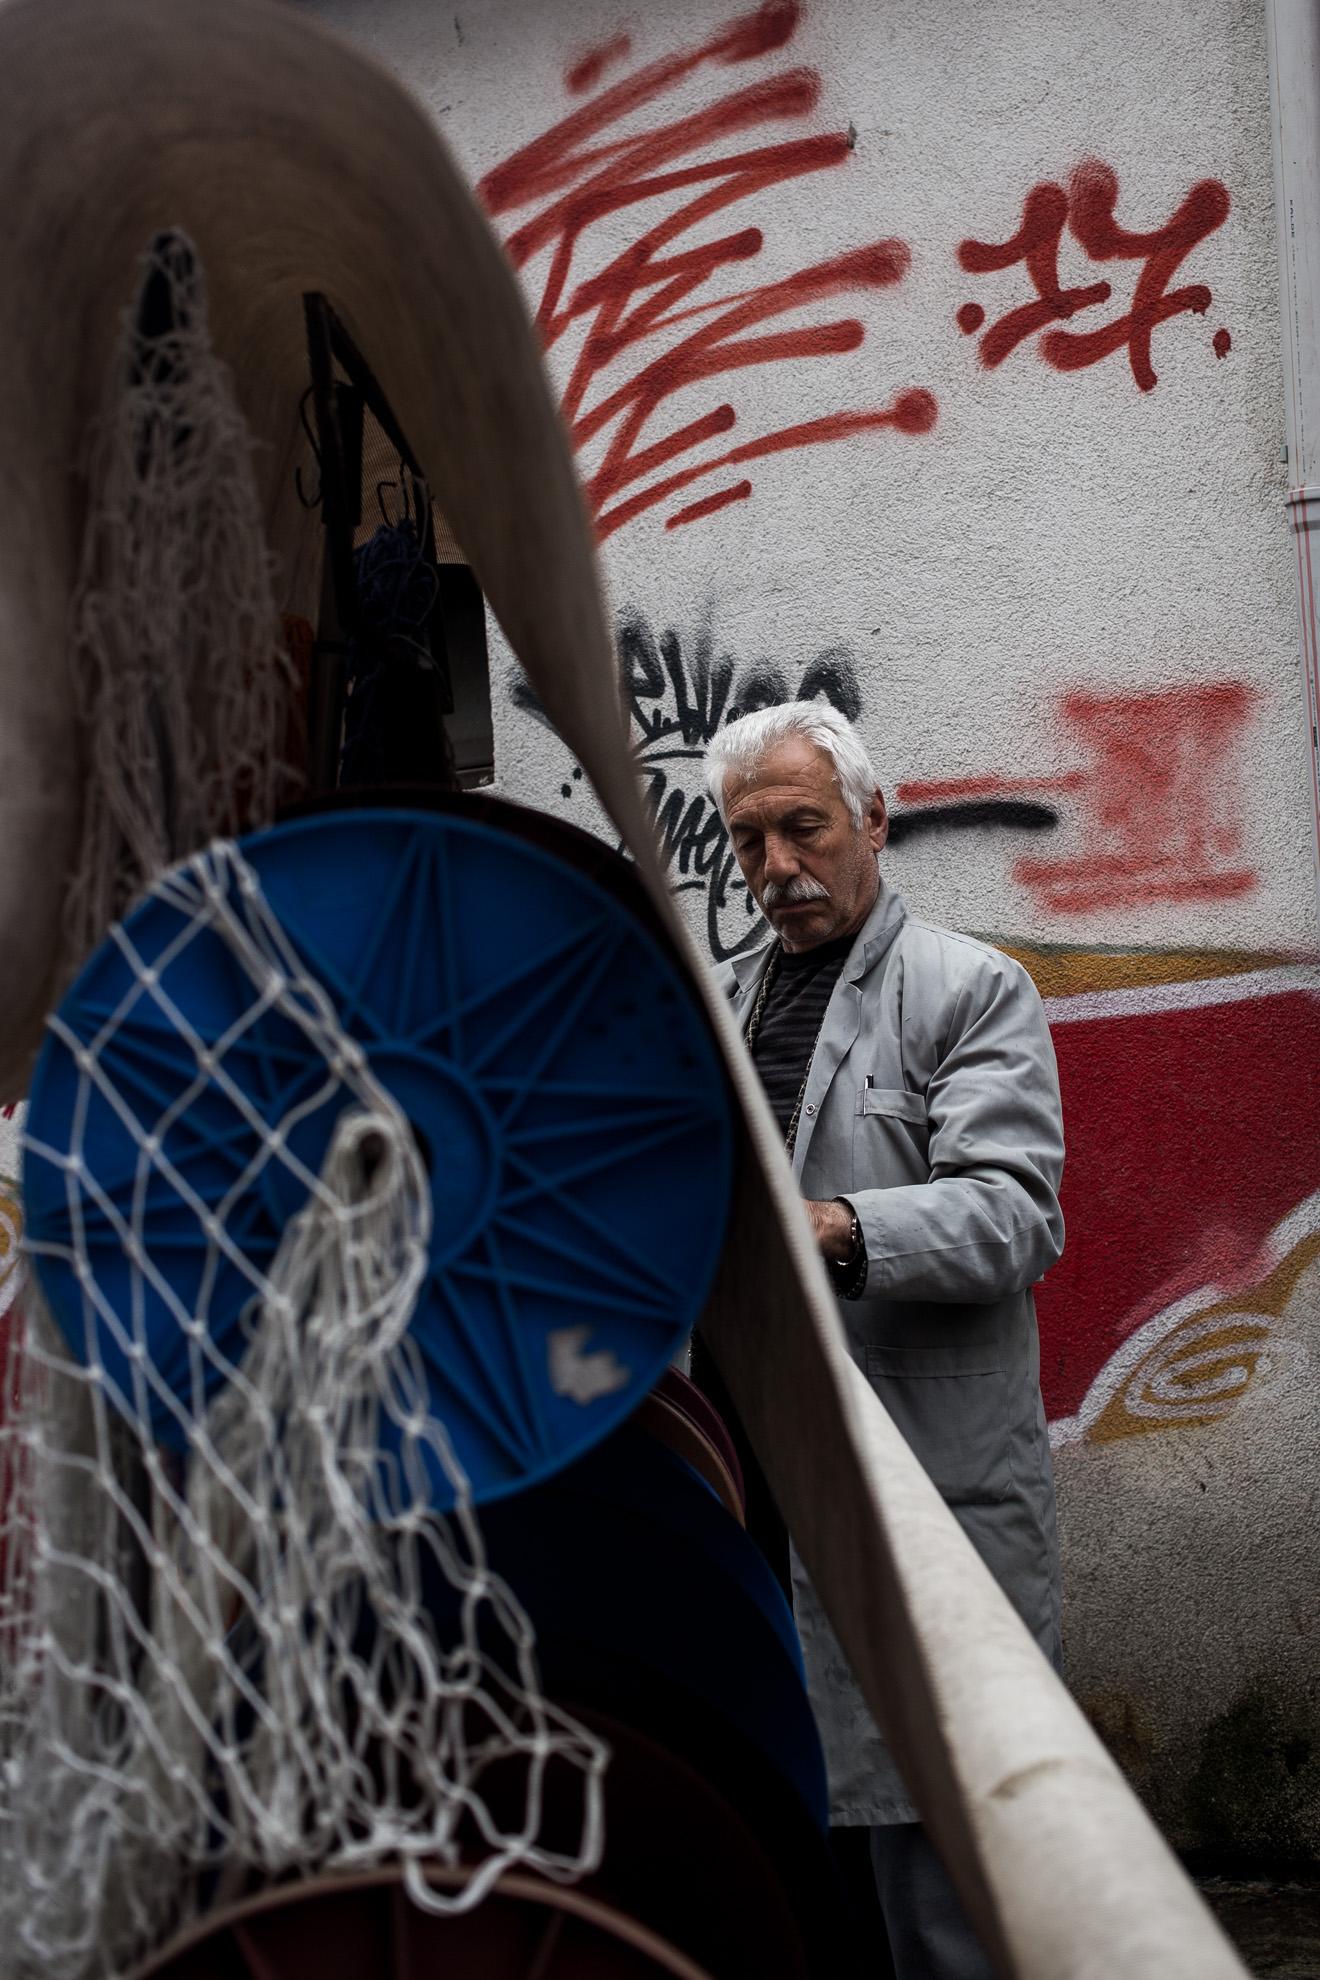 O Saillard Photographe Istanbul-038.jpg